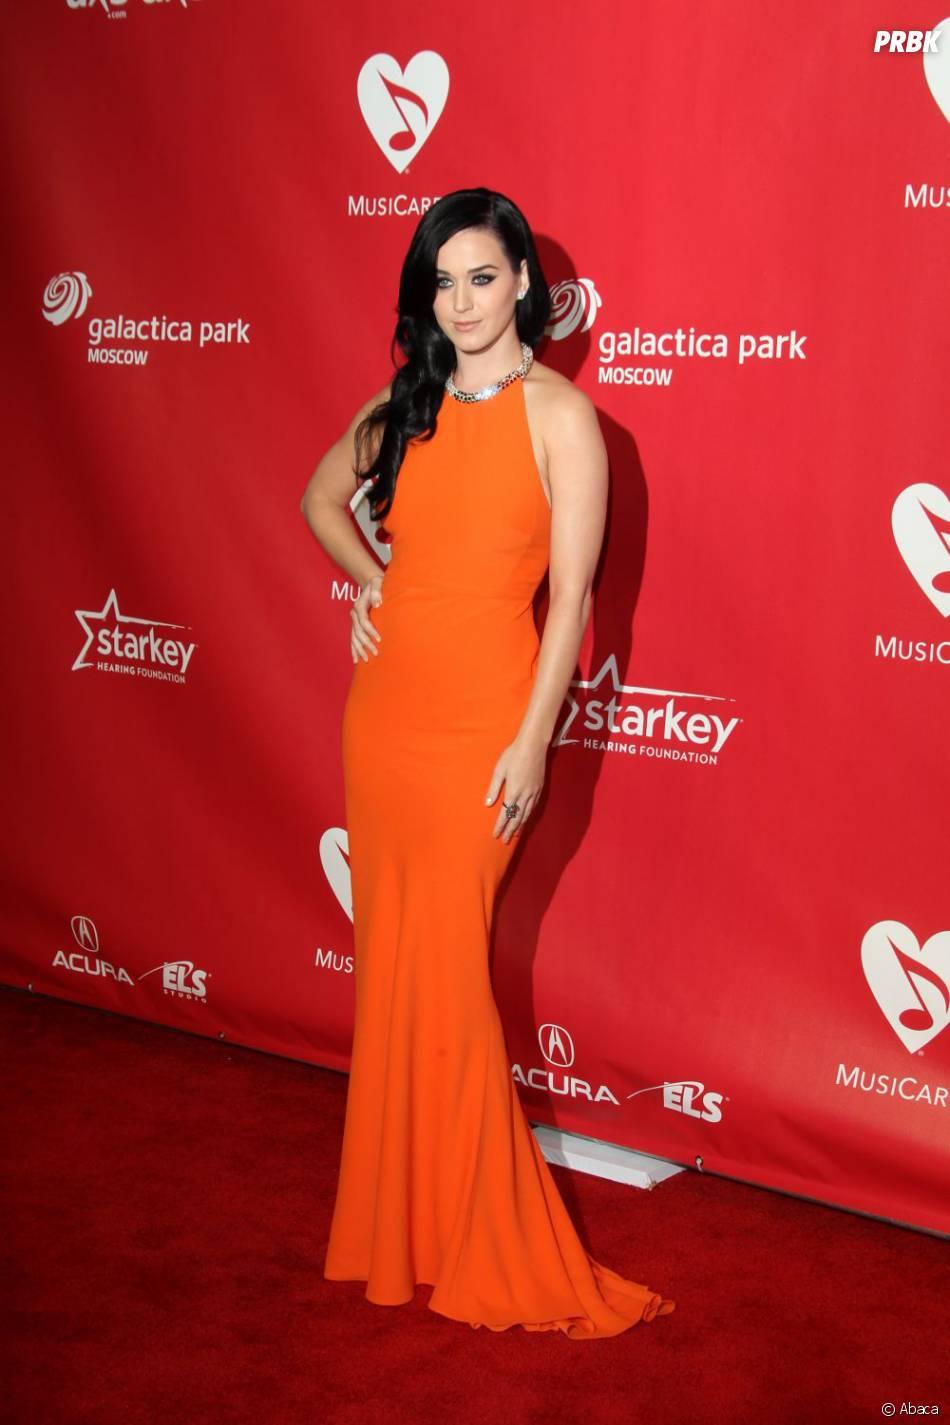 Katy Perry n'est visiblement pas en couple avec Robert Pattinson